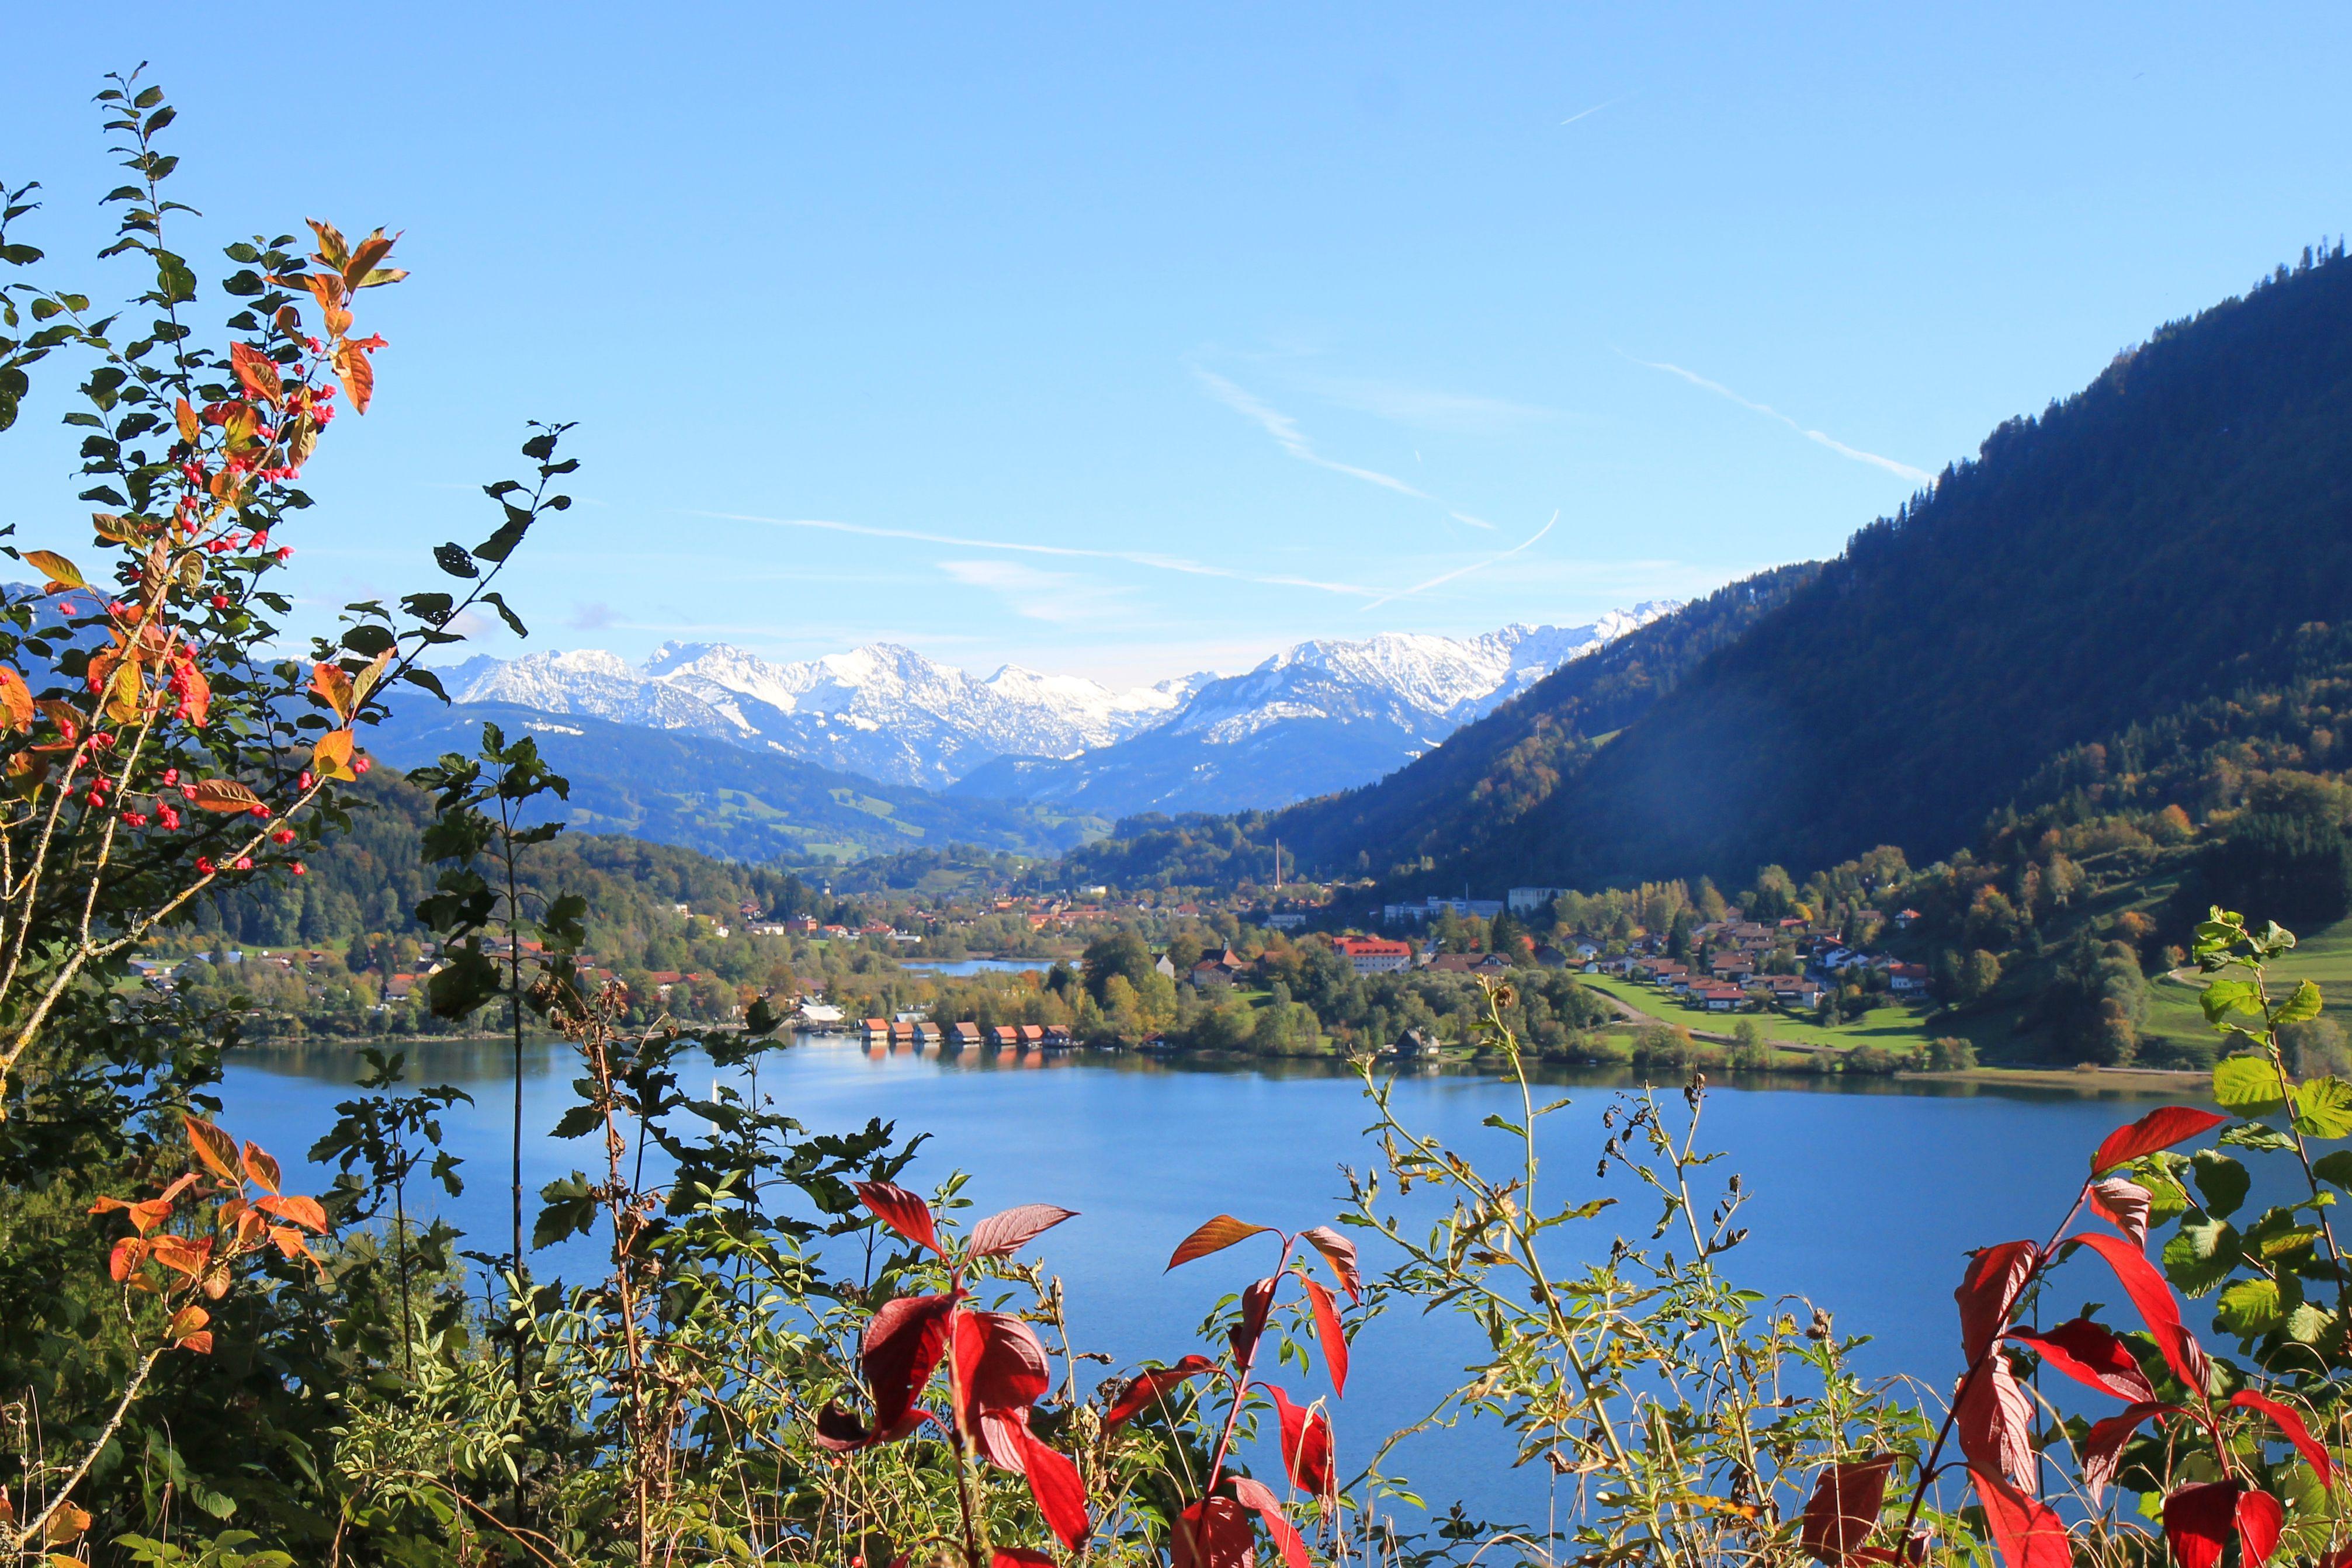 Grosser Alpsee Great Alpsee Lake In Immenstadt Im Allgau Bayern Bavaria Germany Kempten Allgau Reisen Deutschland Reisen